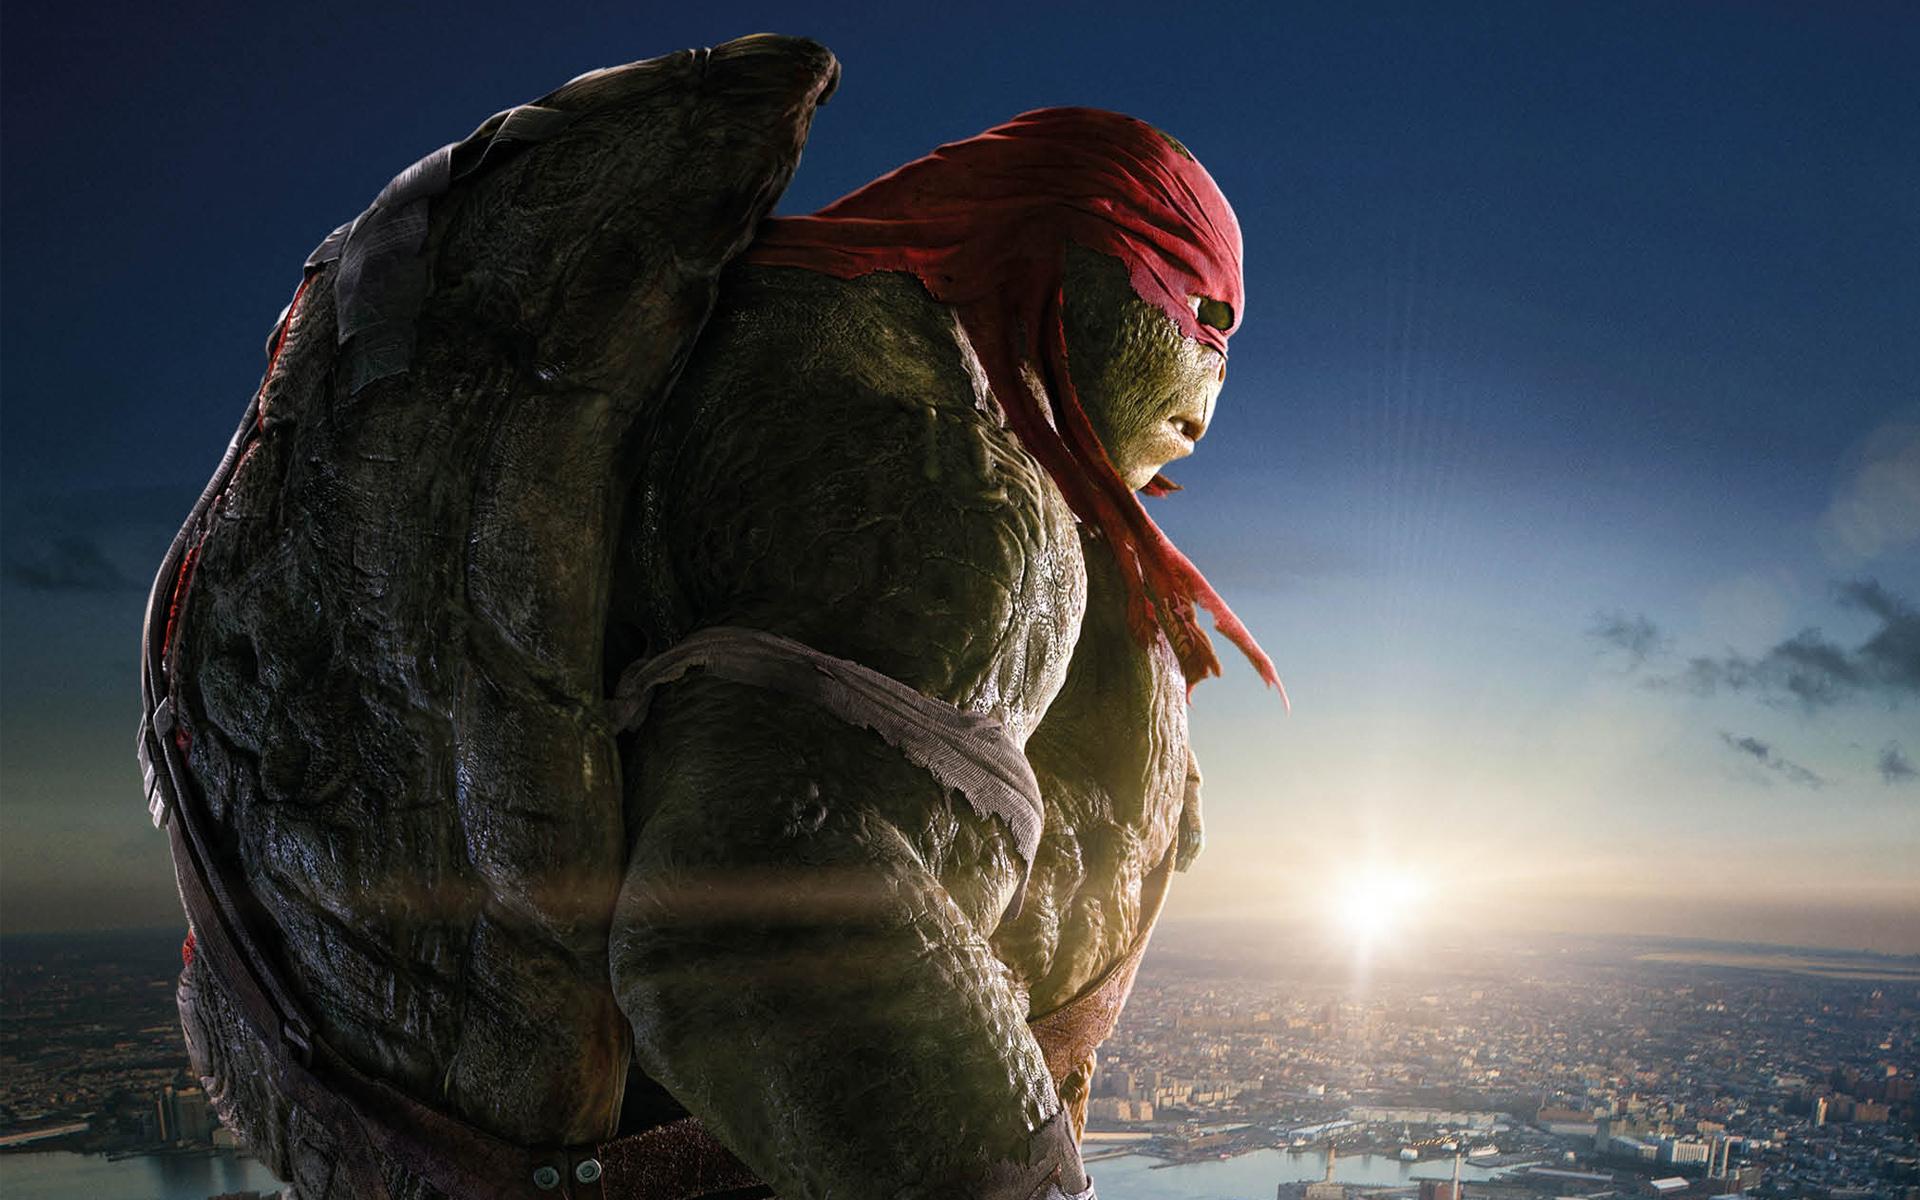 Raphael In Teenage Mutant Ninja Turtles Wallpapers Hd Wallpapers